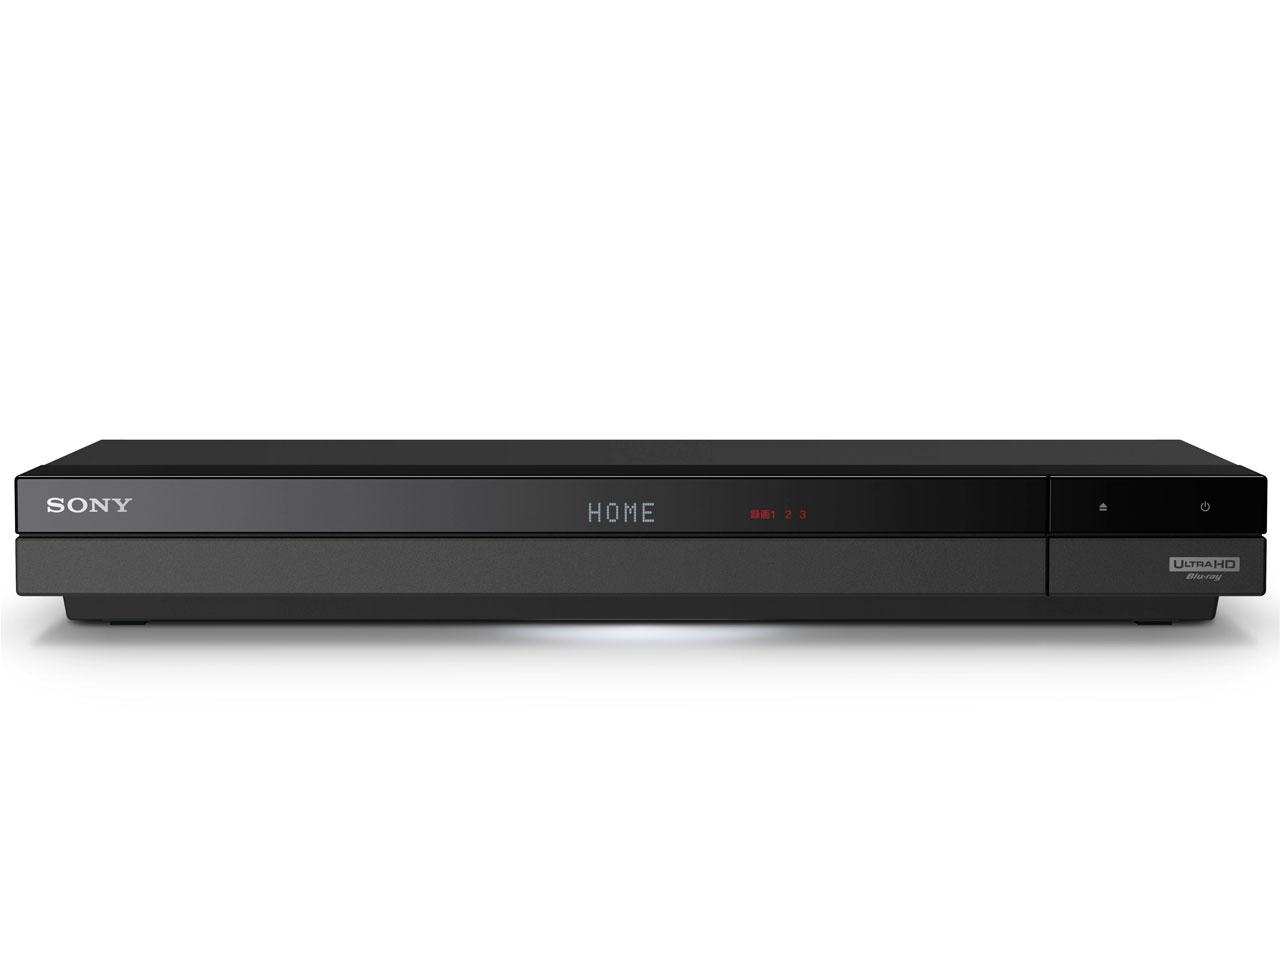 ソニー 2TB HDD/2チューナー搭載 ブルーレイレコーダーBDZ-FBW2000